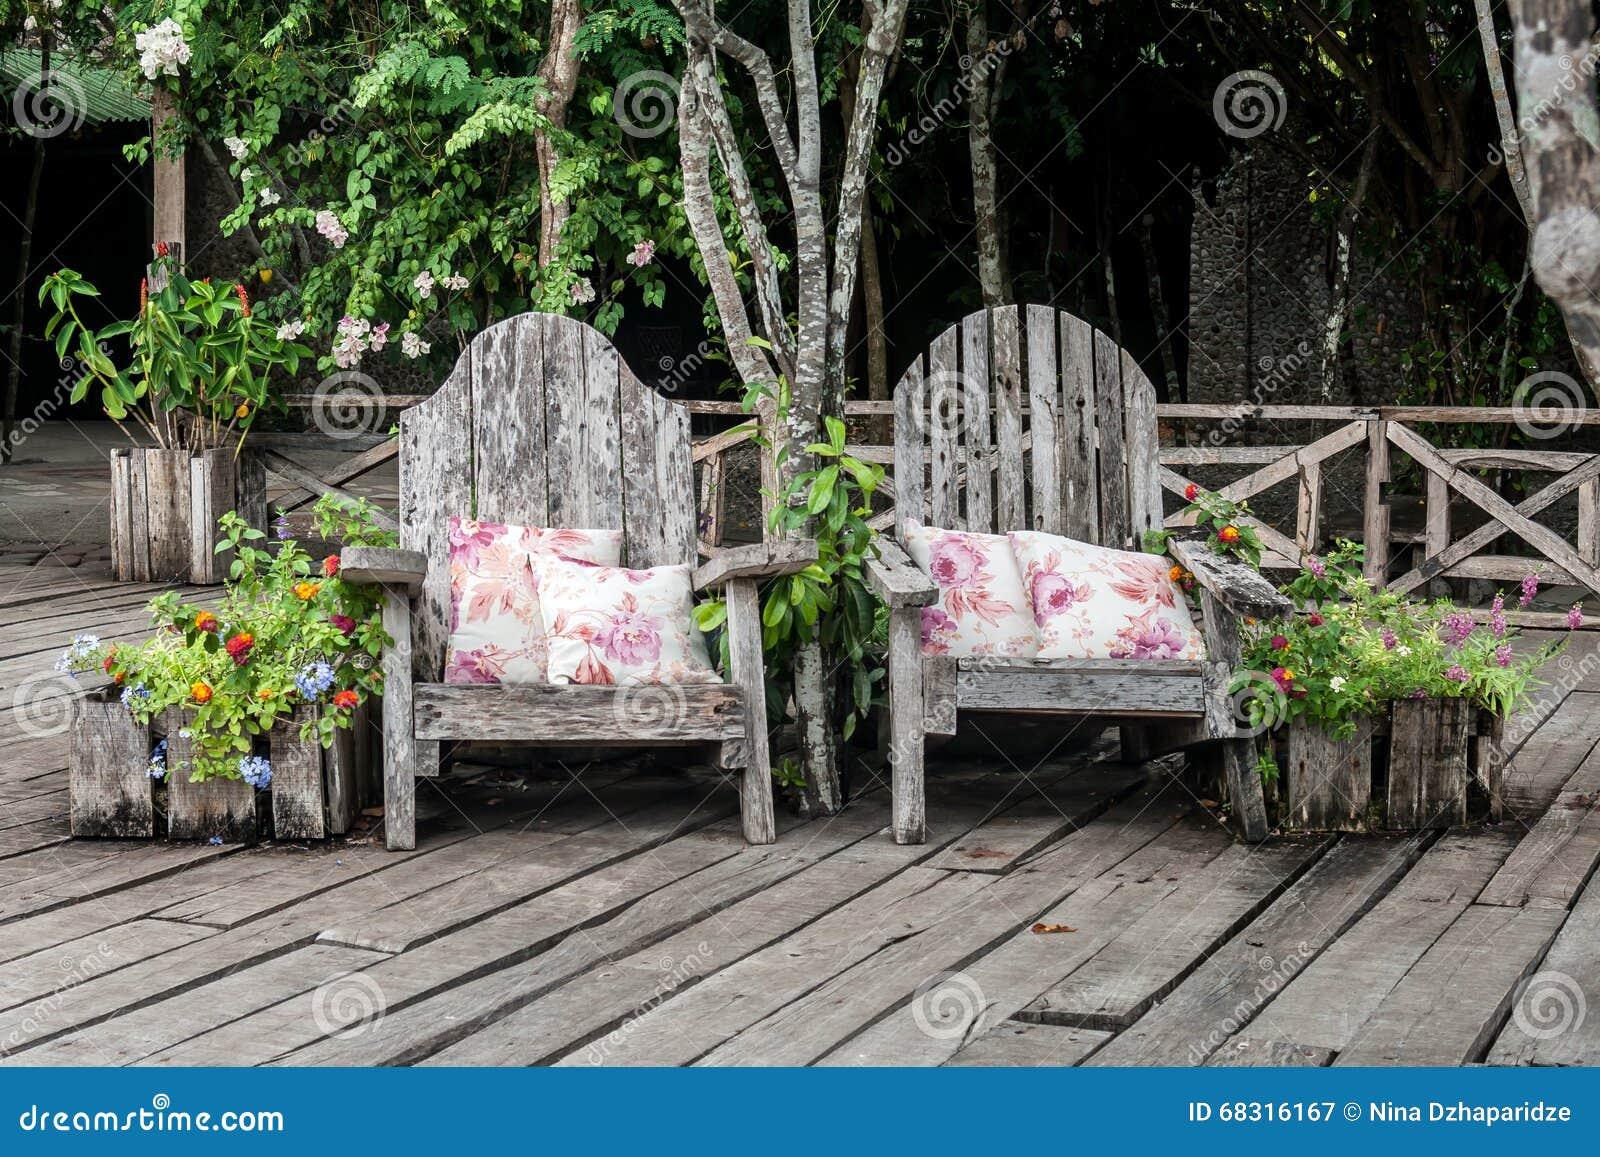 Garten benchs